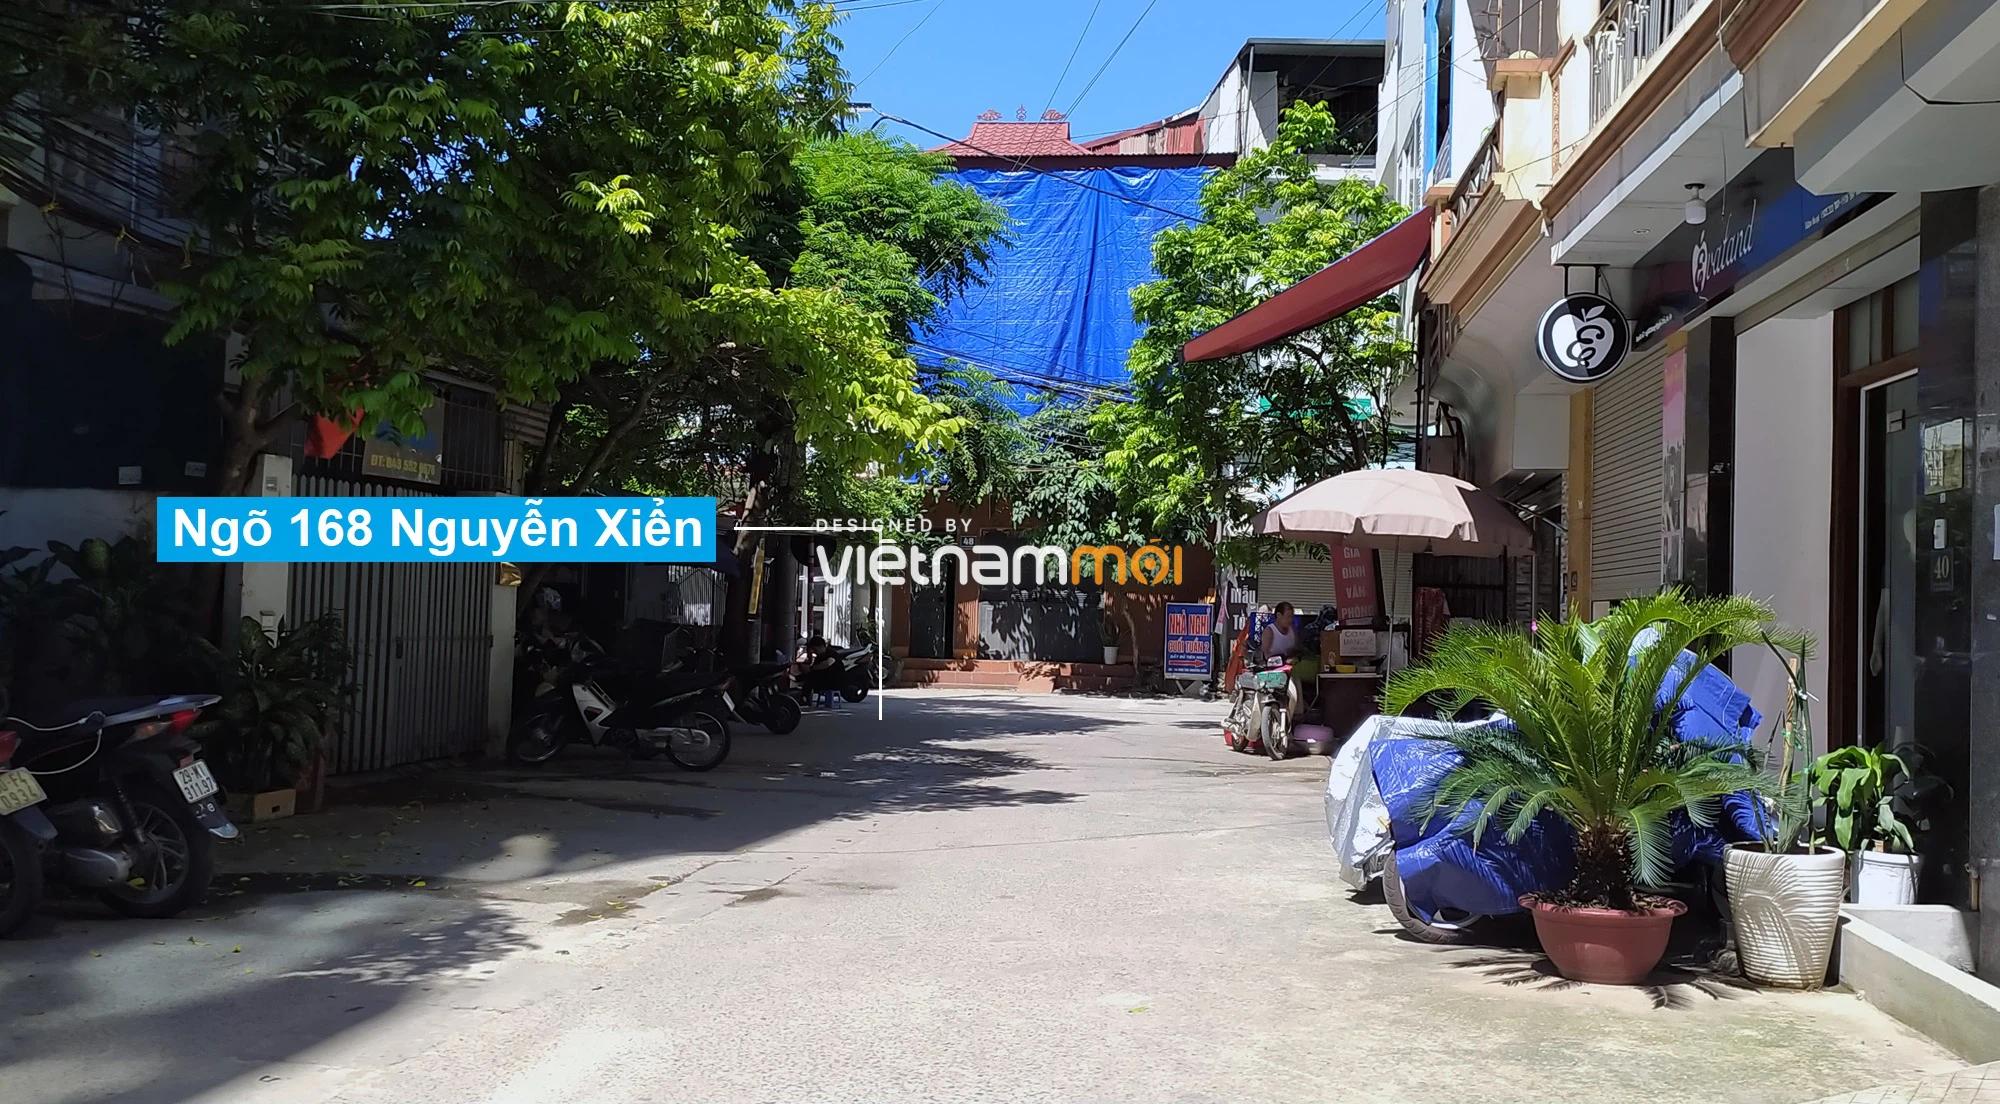 Toàn cảnh tuyến đường vào cụm ba trường Thanh Xuân Nam đang mở theo quy hoạch ở Hà Nội - Ảnh 9.